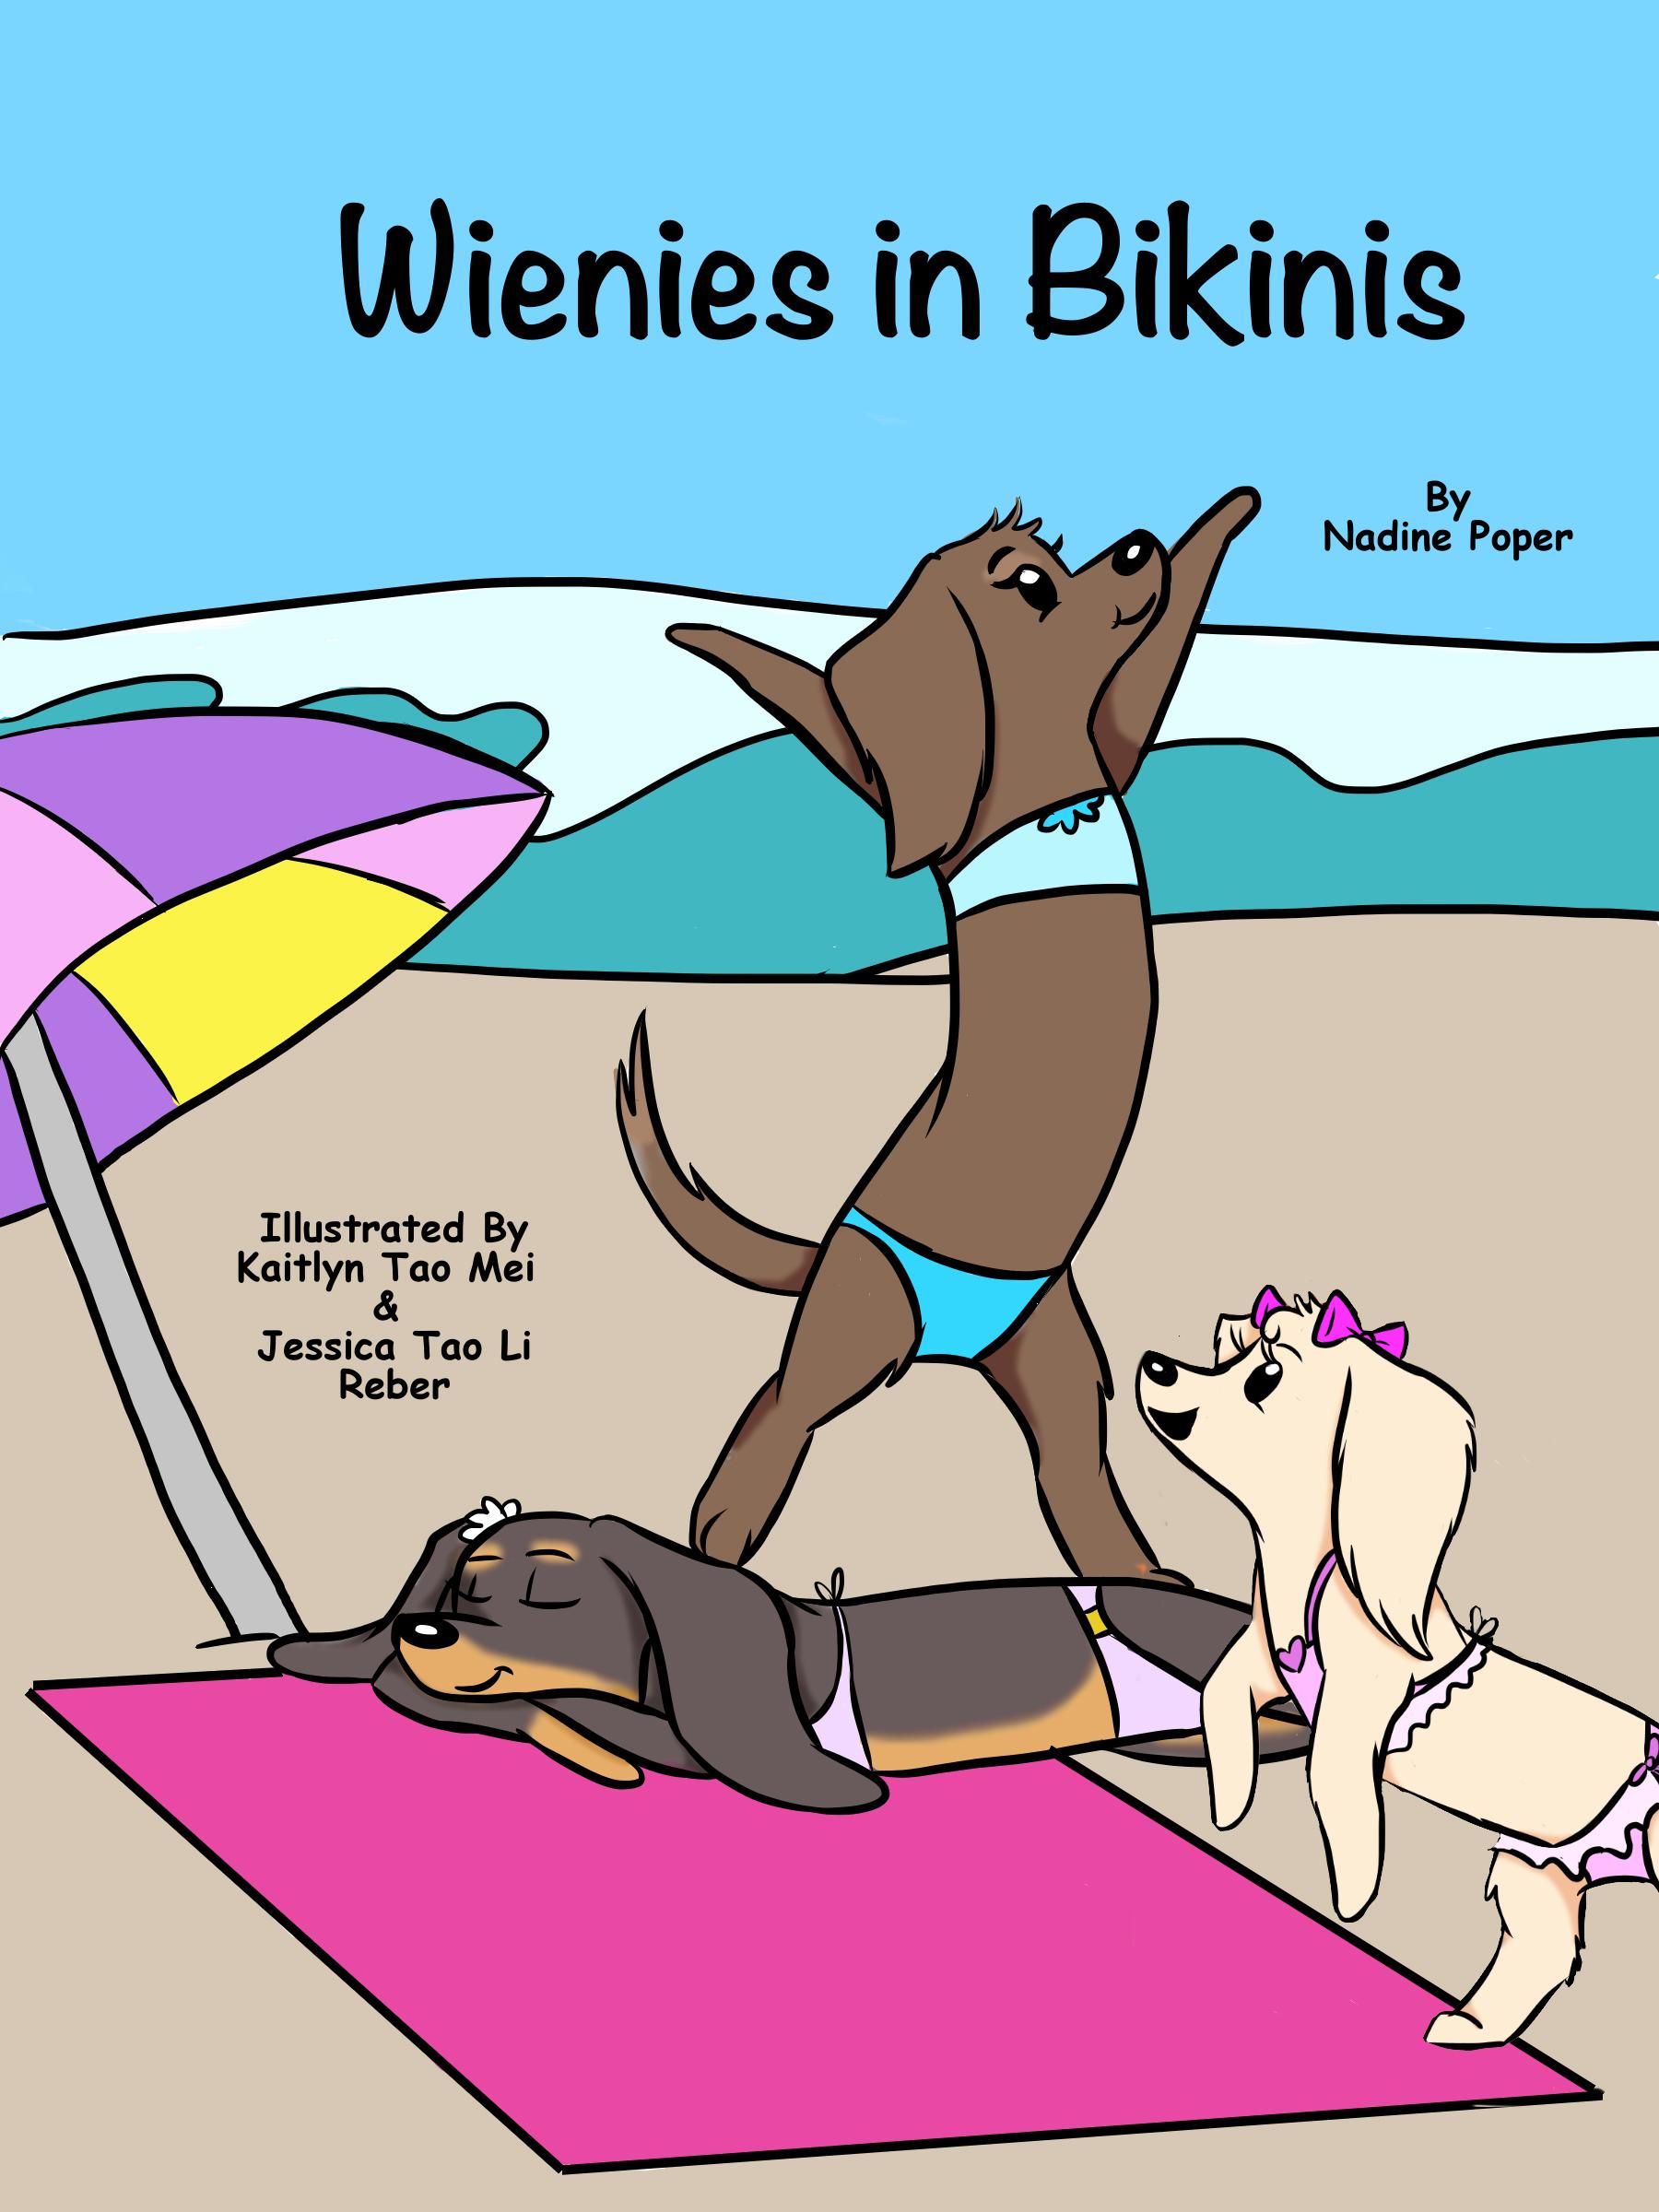 Wienies in Bikinis